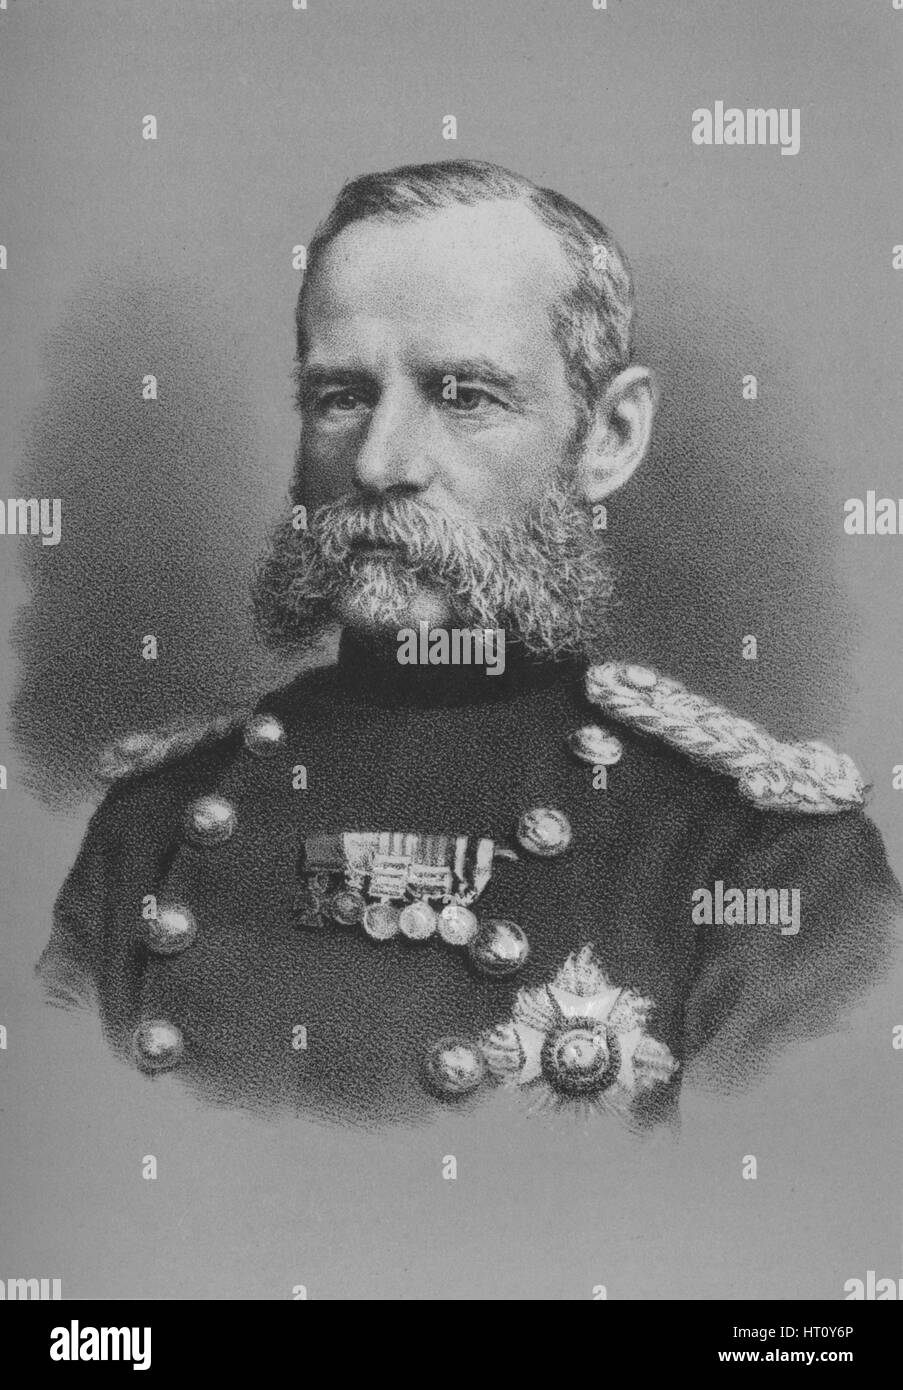 Lieutenant General Sir Frederick Roberts, British soldier, c1880 (1883). Artist: Unknown. - Stock Image